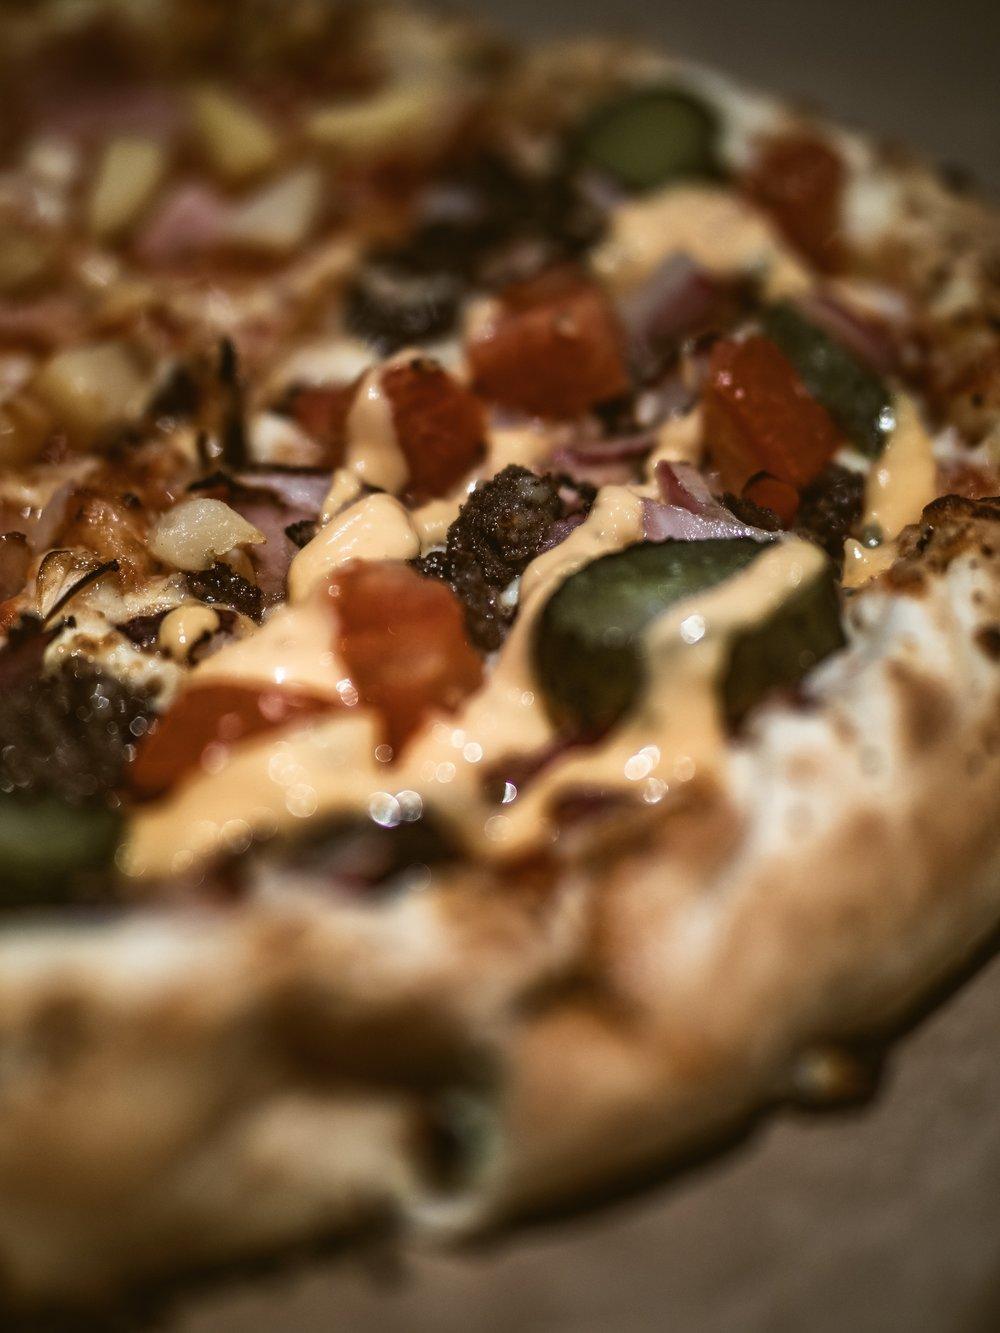 Christmas Carnivore Diet Break Carbohydrate binge Dominoes Cheeseburger Pizza